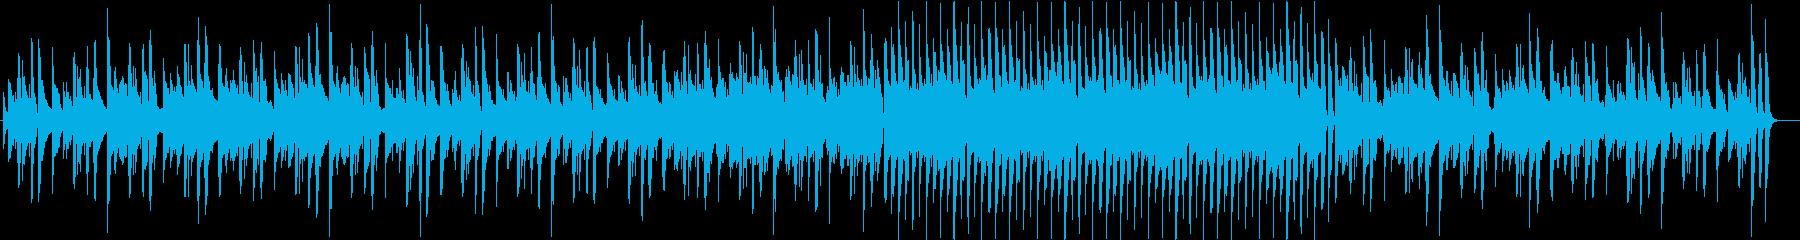 のほほんとした感じのギターソロ曲の再生済みの波形